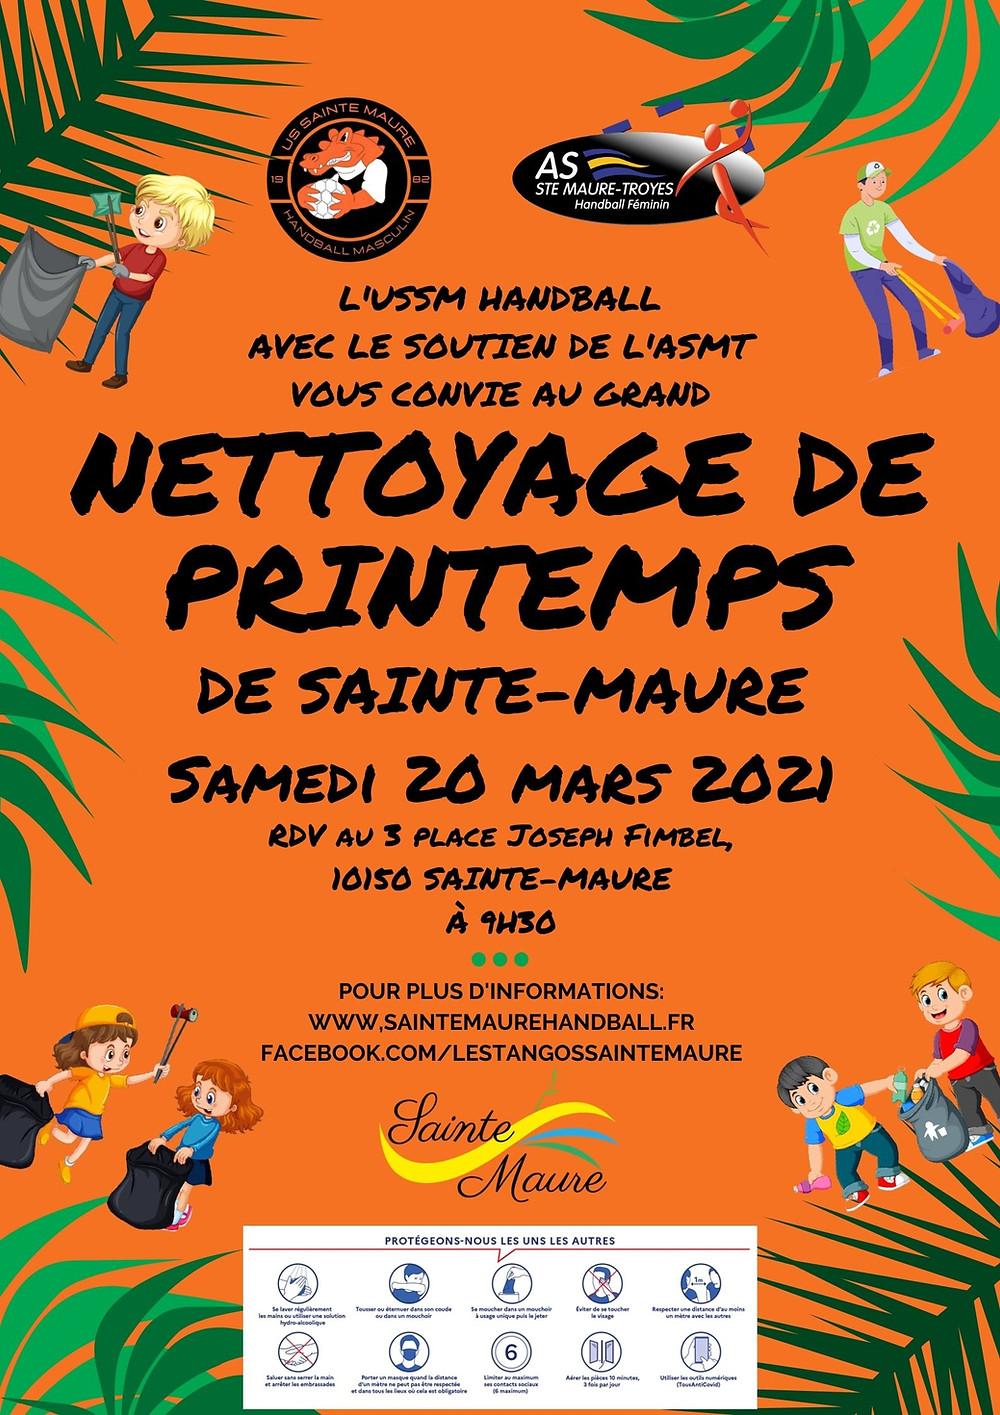 Nettoyage de Printemps 2021 US Sainte-Maure Handball Masculine AS Sainte-Maure Troyes Handball